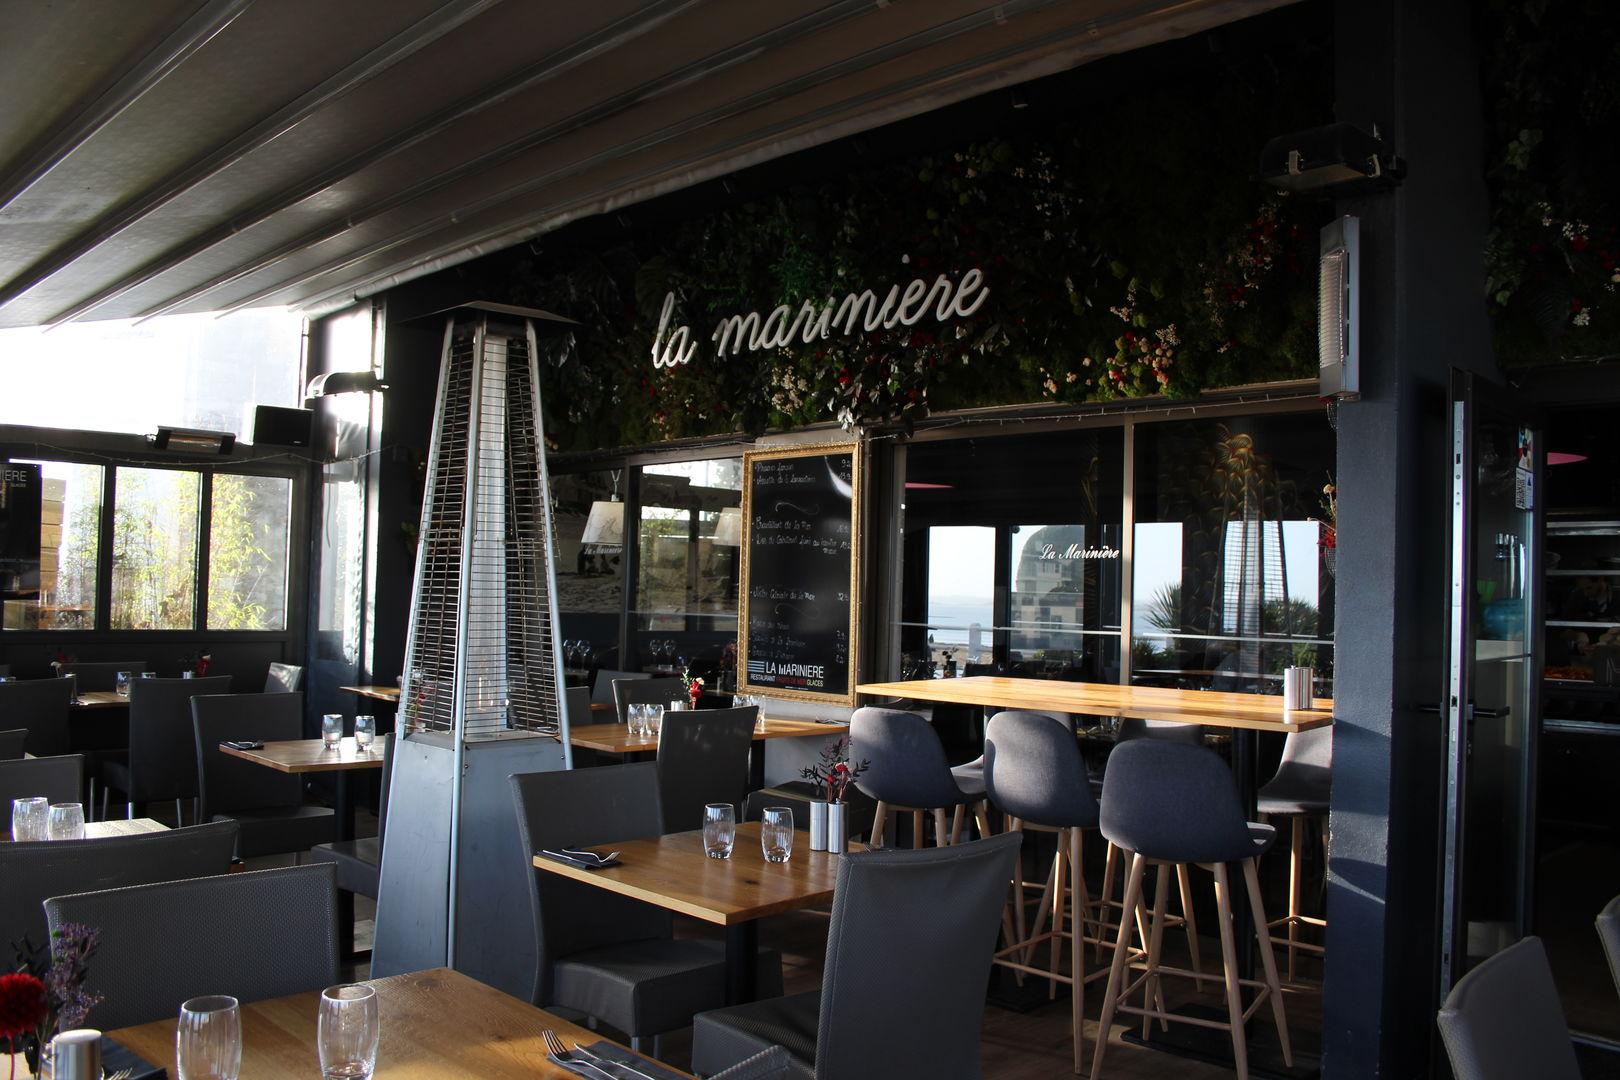 restaurantlamarinière-St-Cast-12.2019-lamarinière